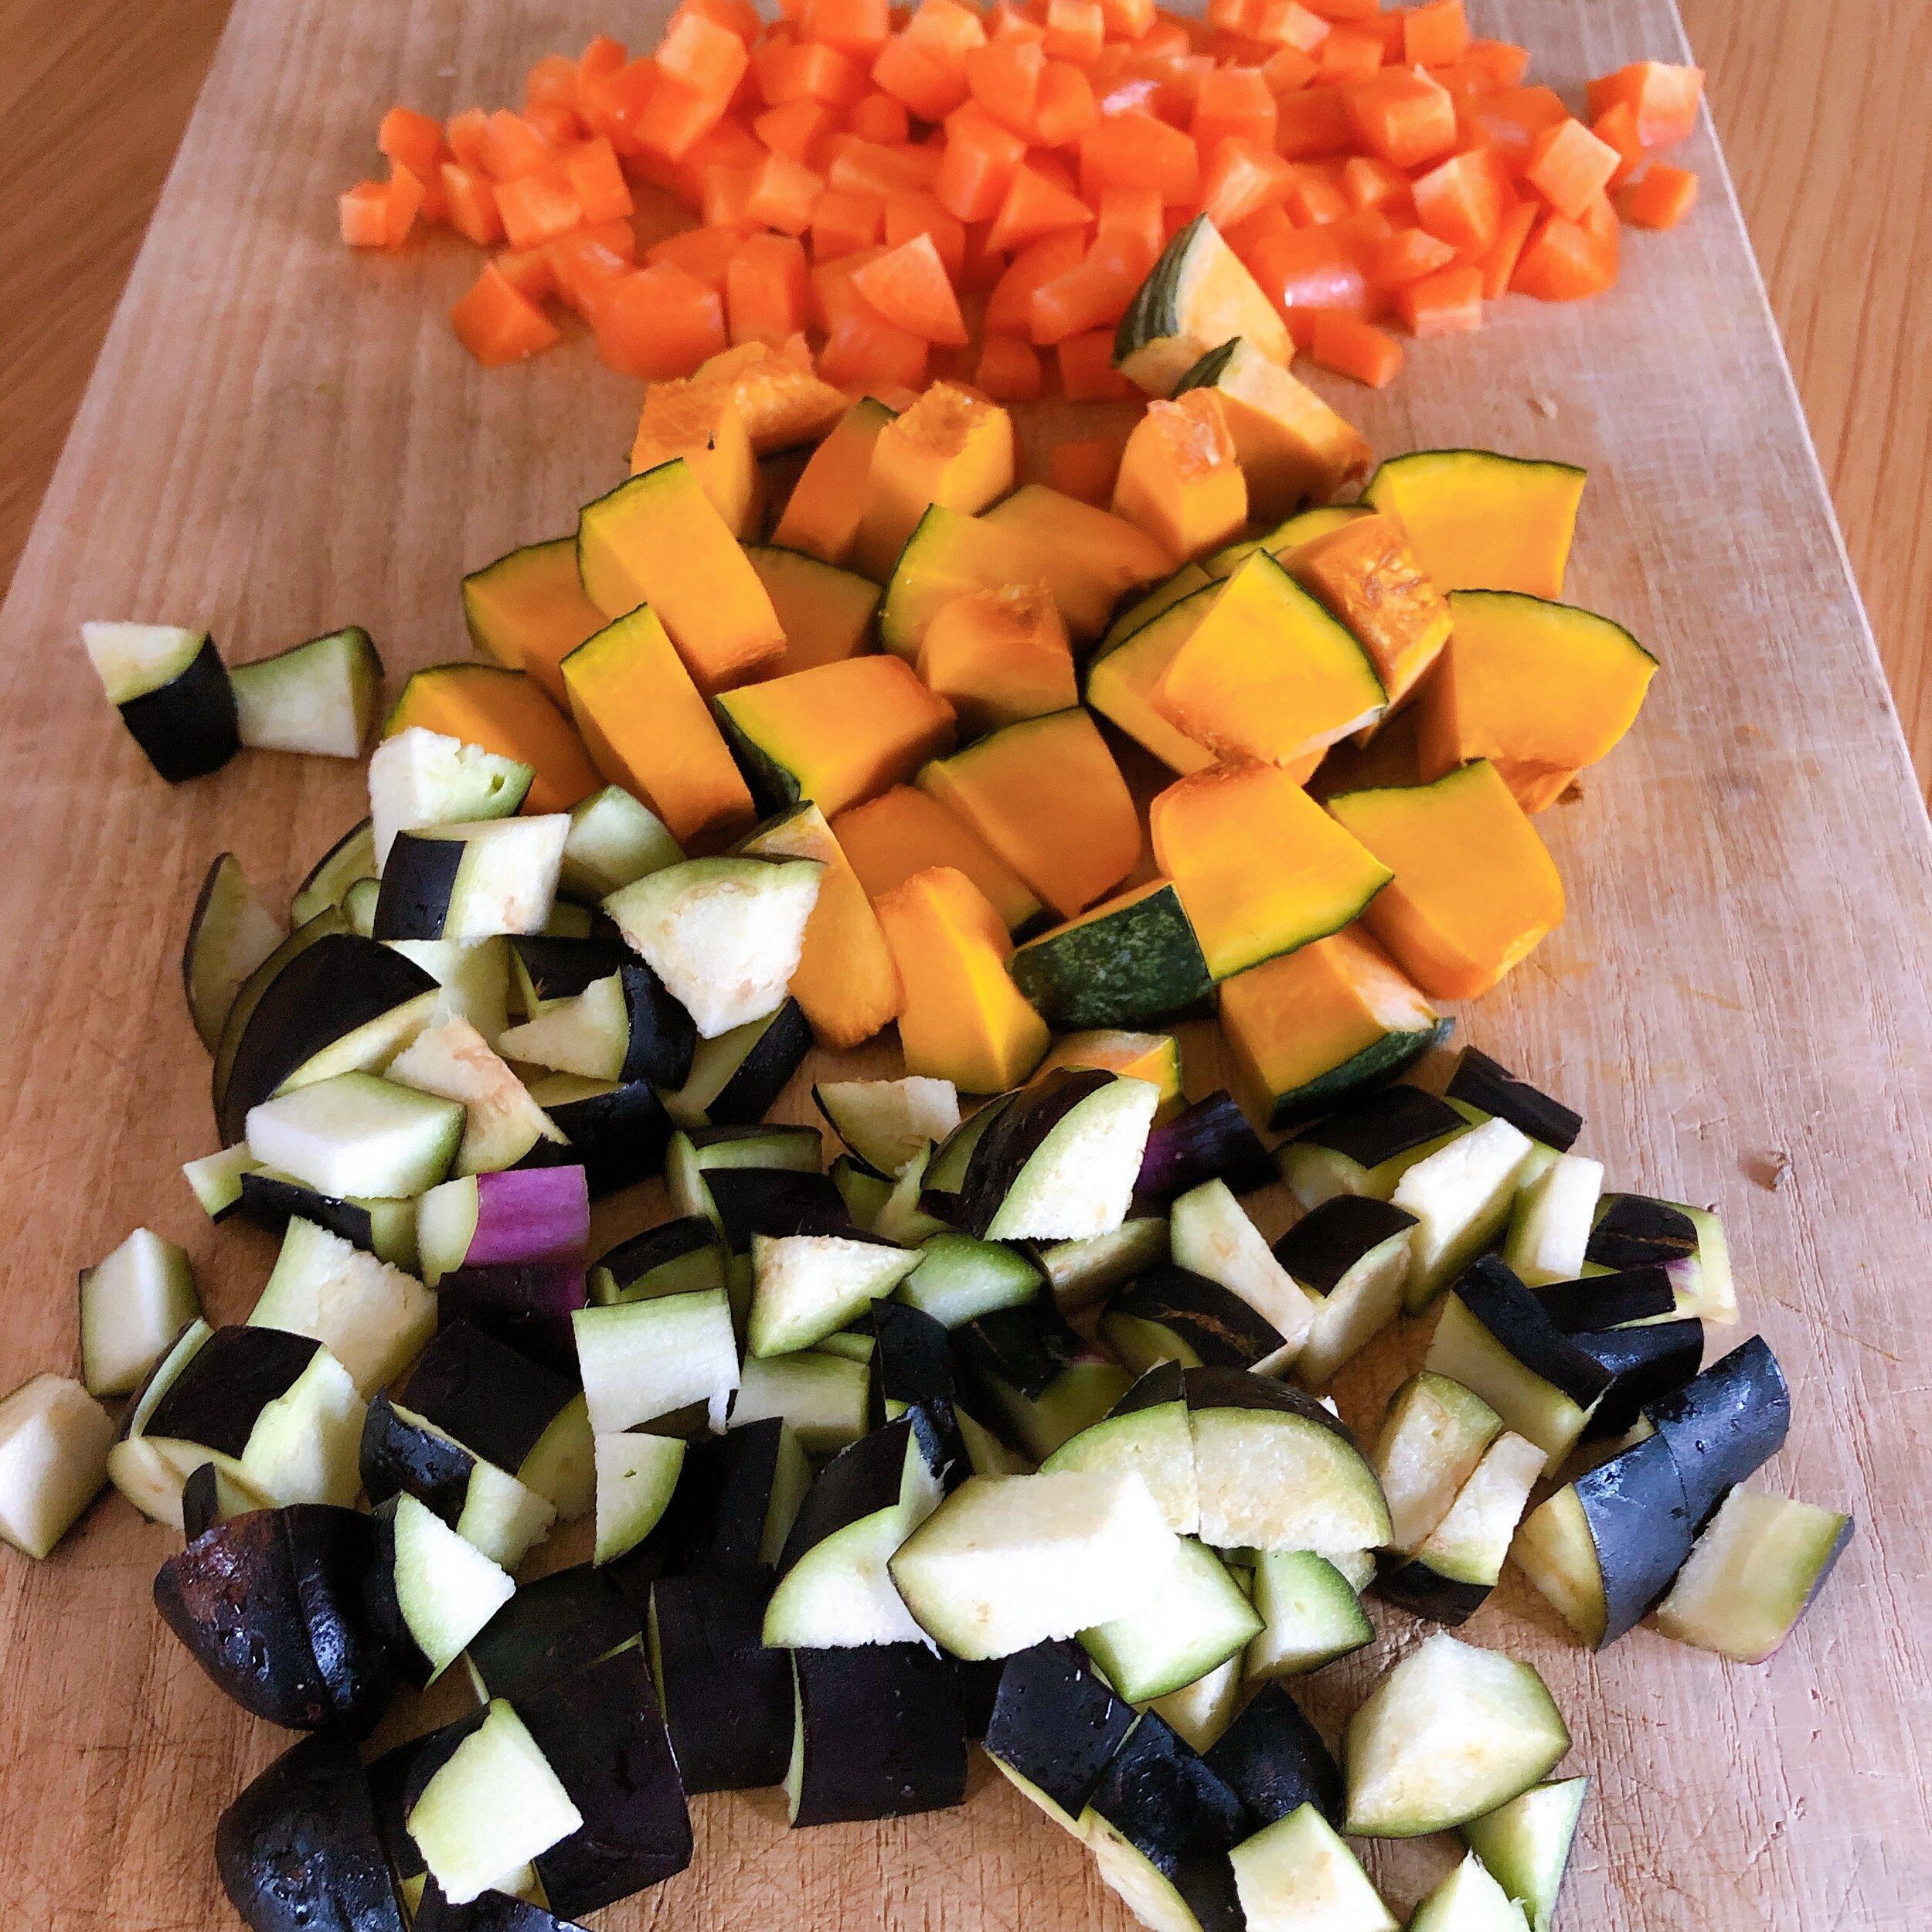 野菜をトントン切る音を楽しんで、その色鮮やかさと組み合わせの楽しさに、ハッとしたり。(台所での幸せ)